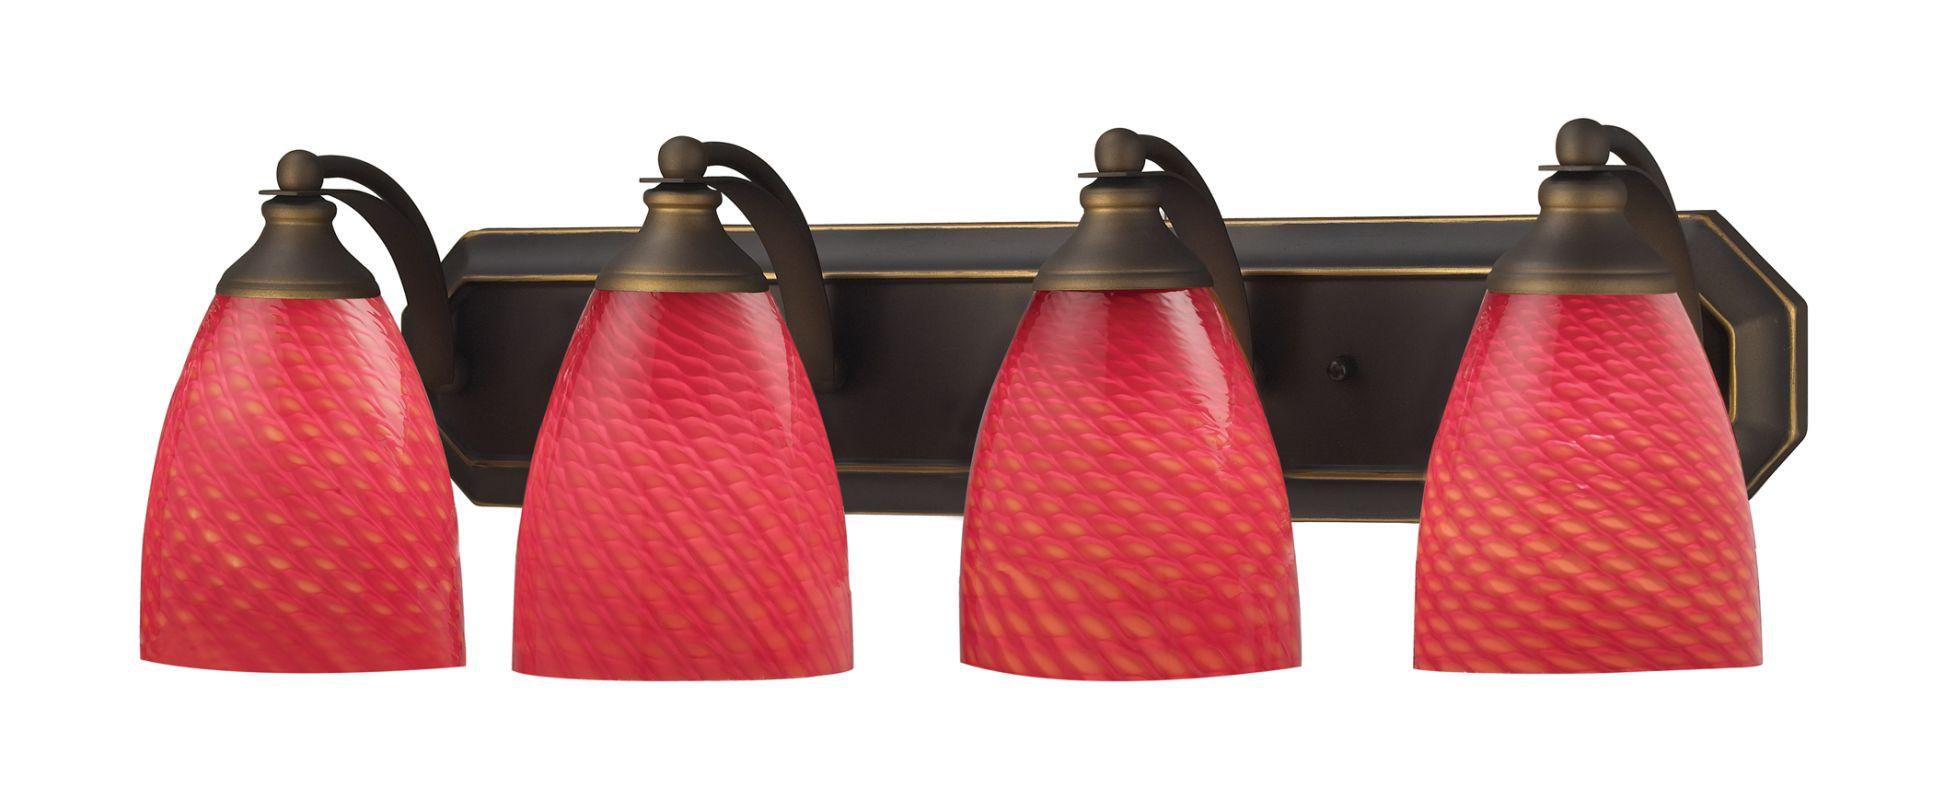 elk lighting 570